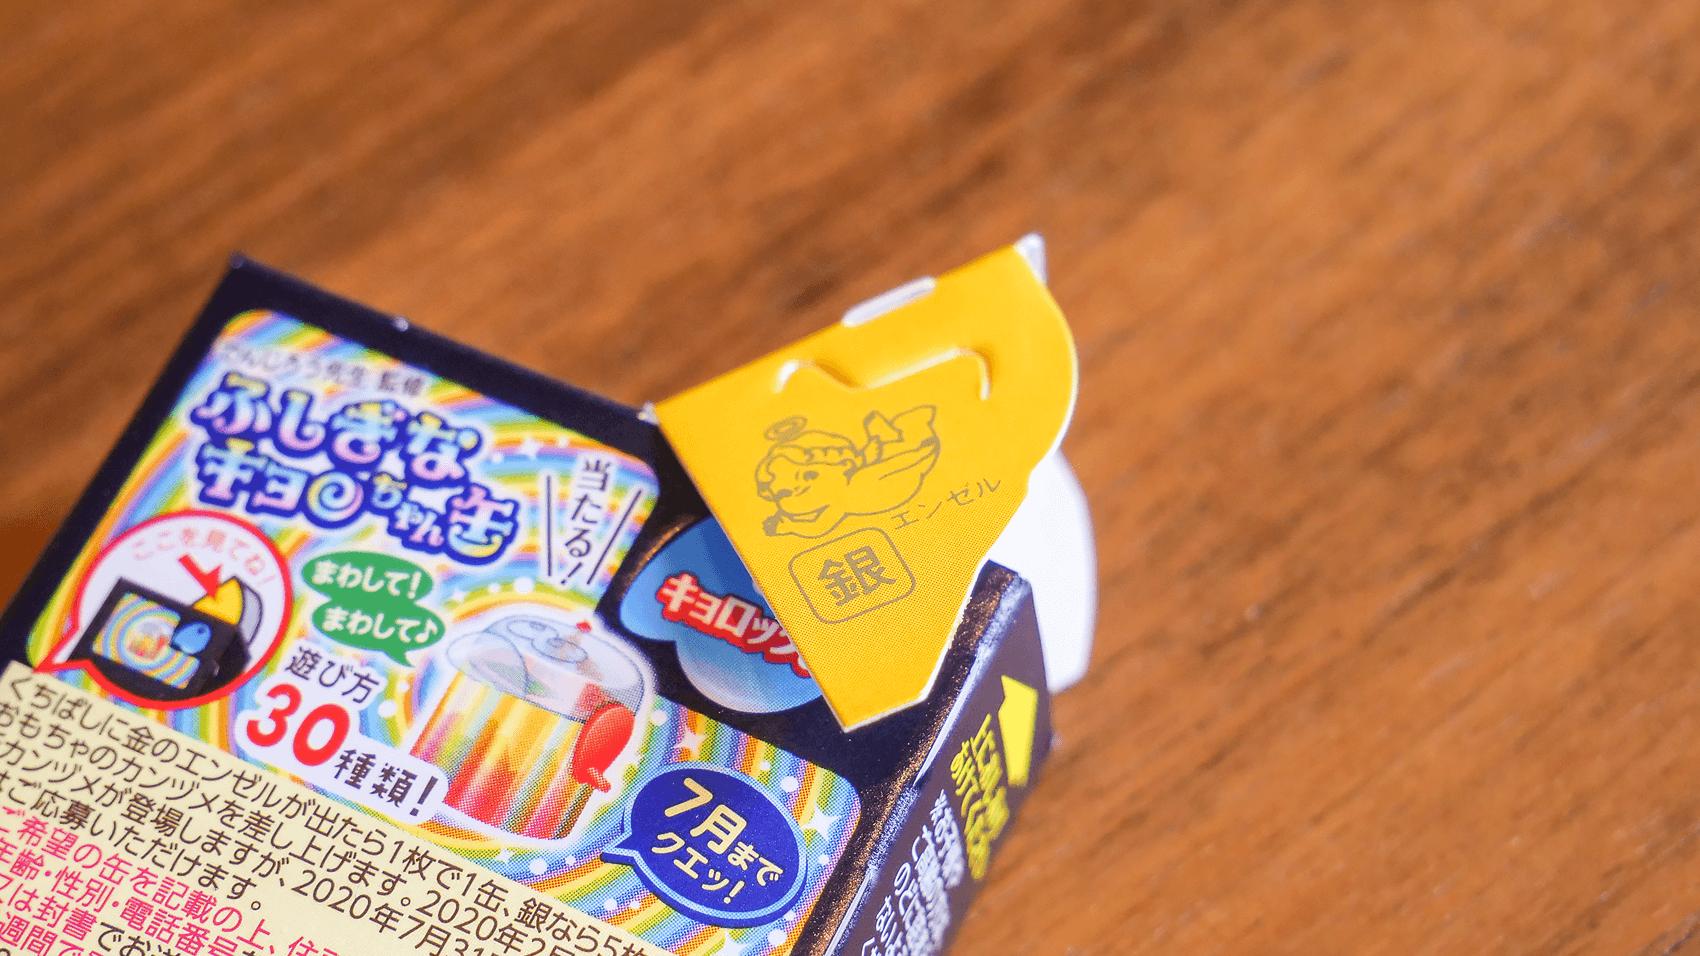 チョコボールのパッケージデザインが興味深かったので買ってみた